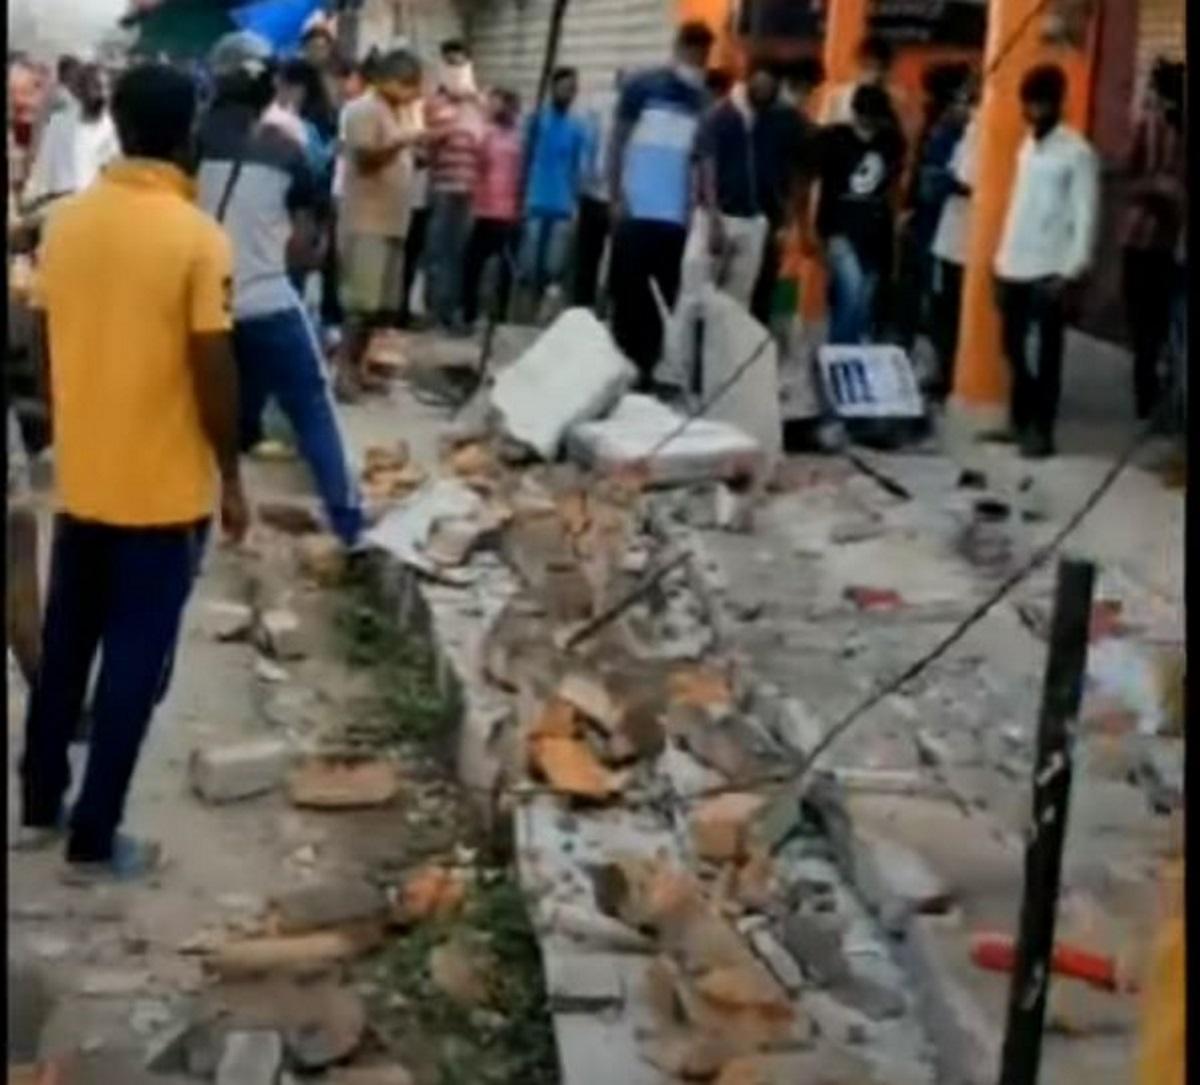 Ινδία: Σεισμός 6,2 Ρίχτερ ταρακούνησαν το Άσαμ – Αναφορές για θύματα (pics, vids)